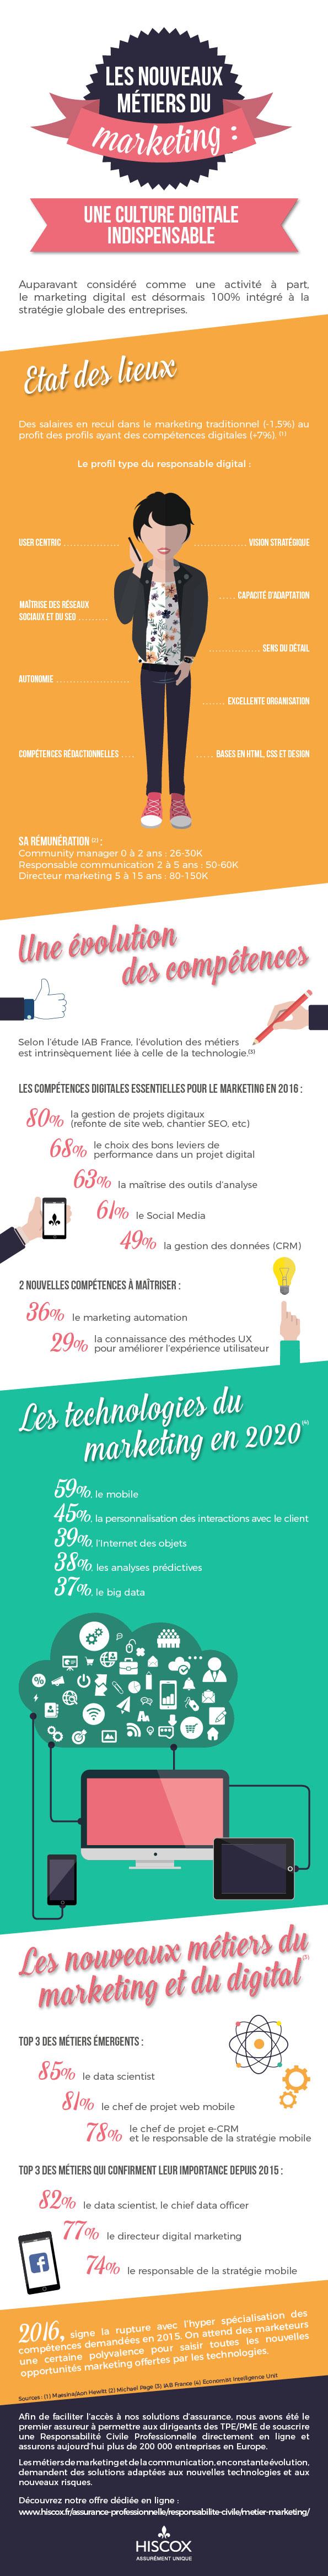 Découvrez les nouveaux métiers du marketing en infographie